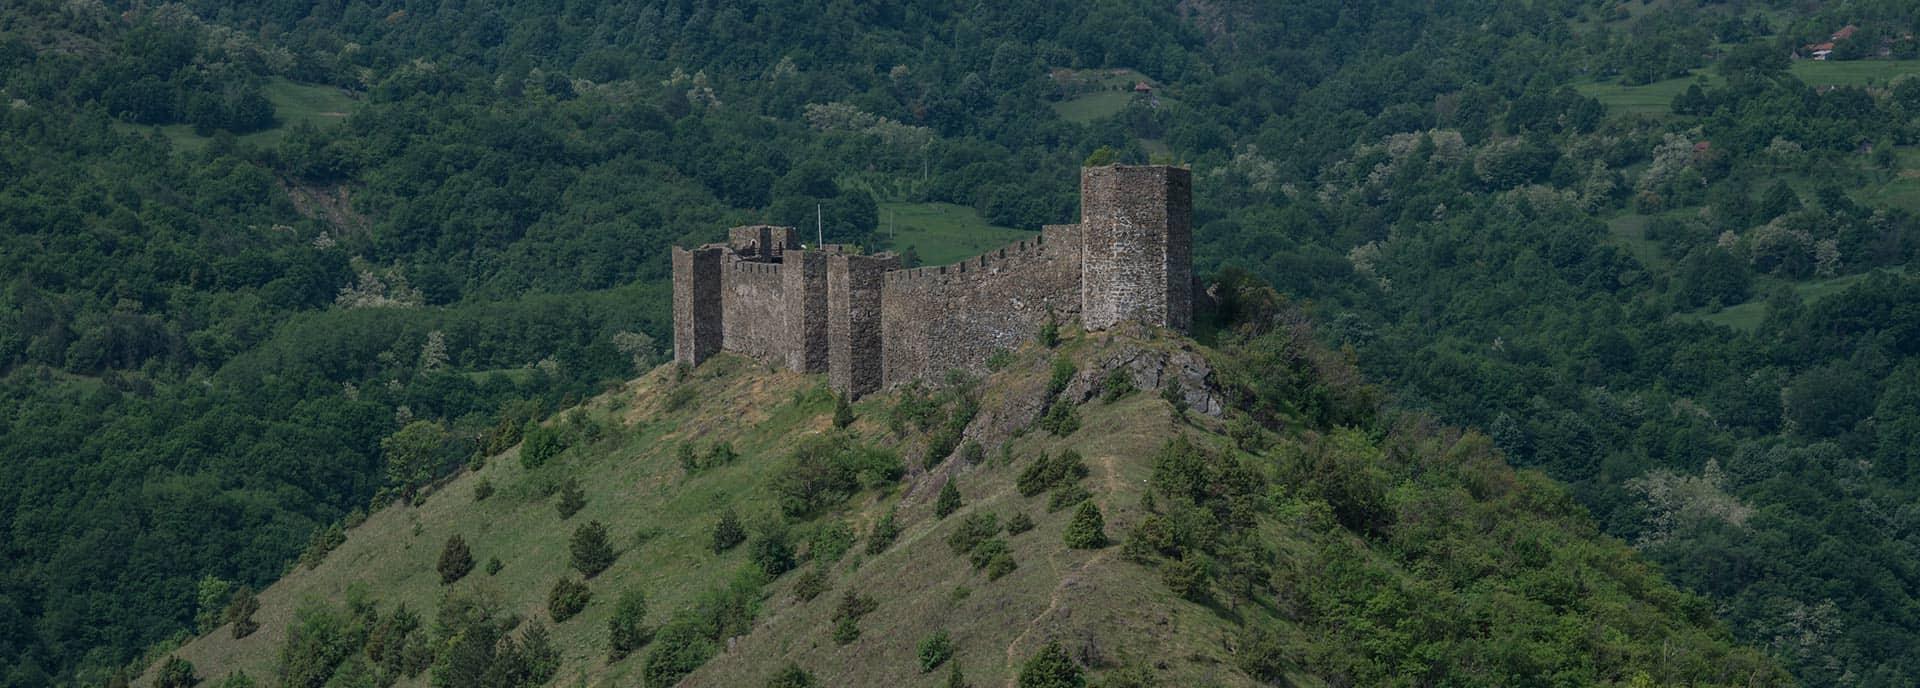 Maglić, 20km - južno od Kraljeva